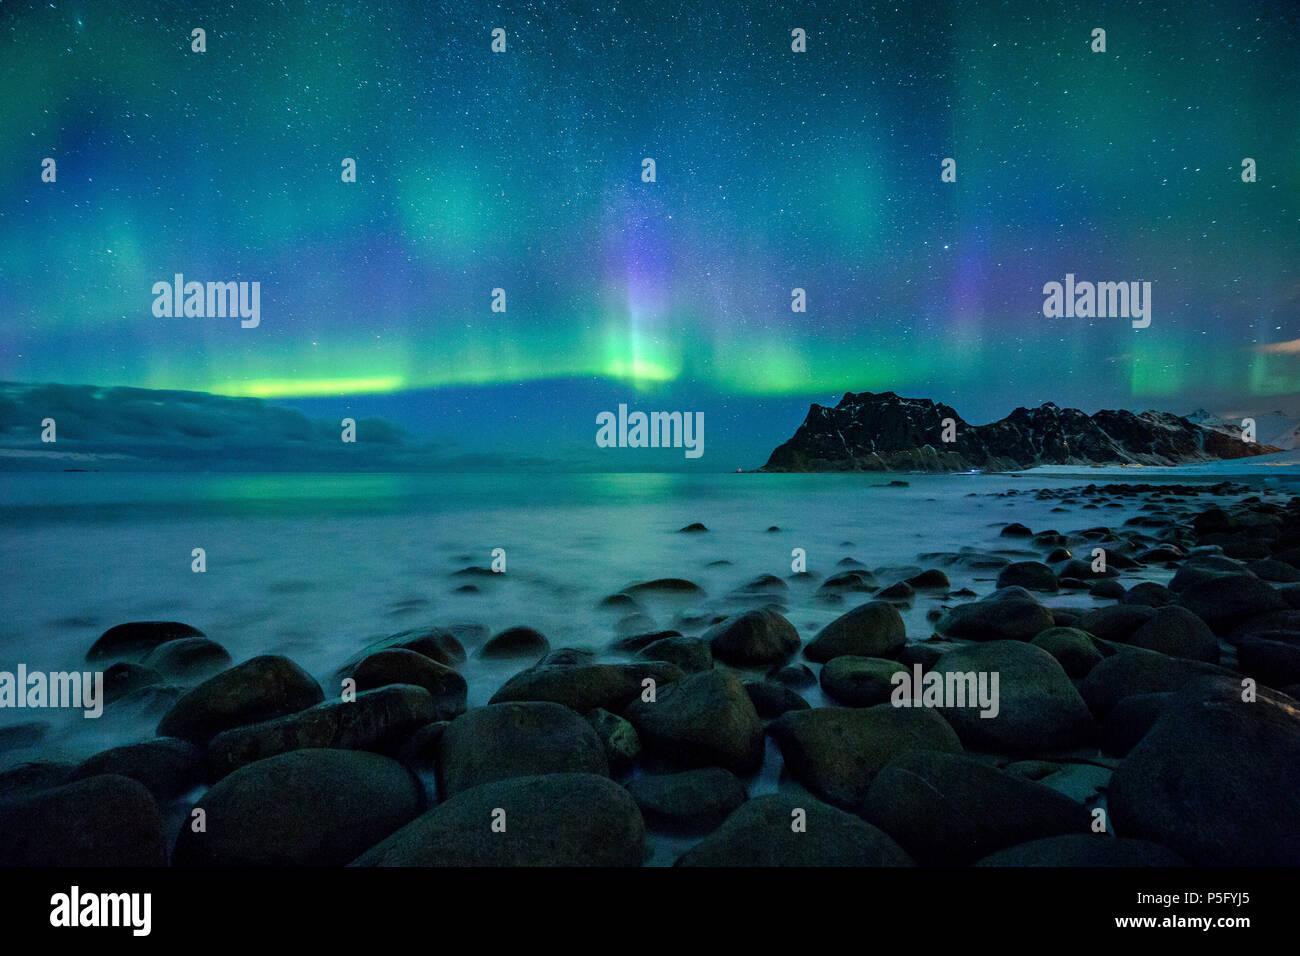 Erstaunlich Aurora Borealis tanzen über berühmte Uttakleiv Strand während eines kalten arktischen Nacht auf den Lofoten Inseln im Winter, Norwegen, Skandinavien Stockbild